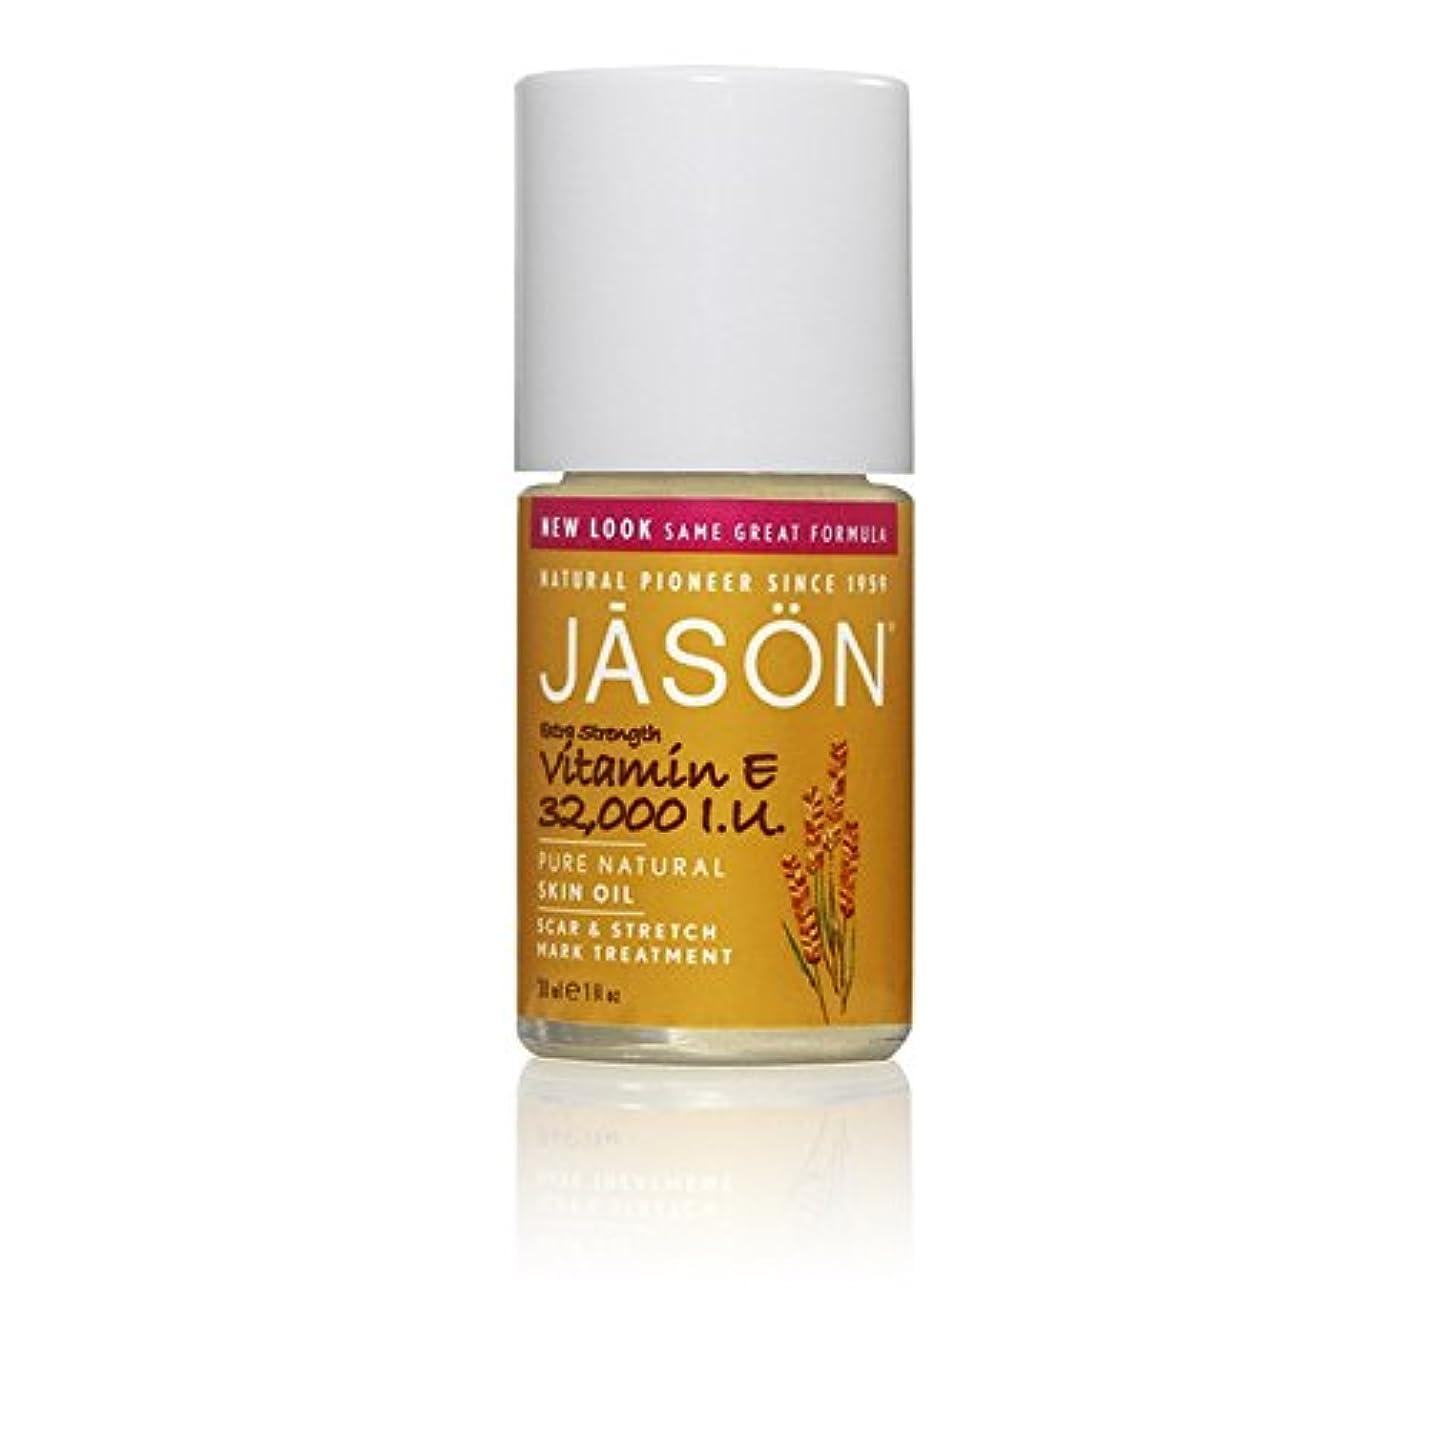 散るグラフィック後世ジェイソン?ビタミン 32,000オイル傷跡&ストレッチマークトリートメント33ミリリットル x2 - Jason Vitamin E 32,000iu Oil Scar & Stretch Mark Treatment 33ml (Pack of 2) [並行輸入品]